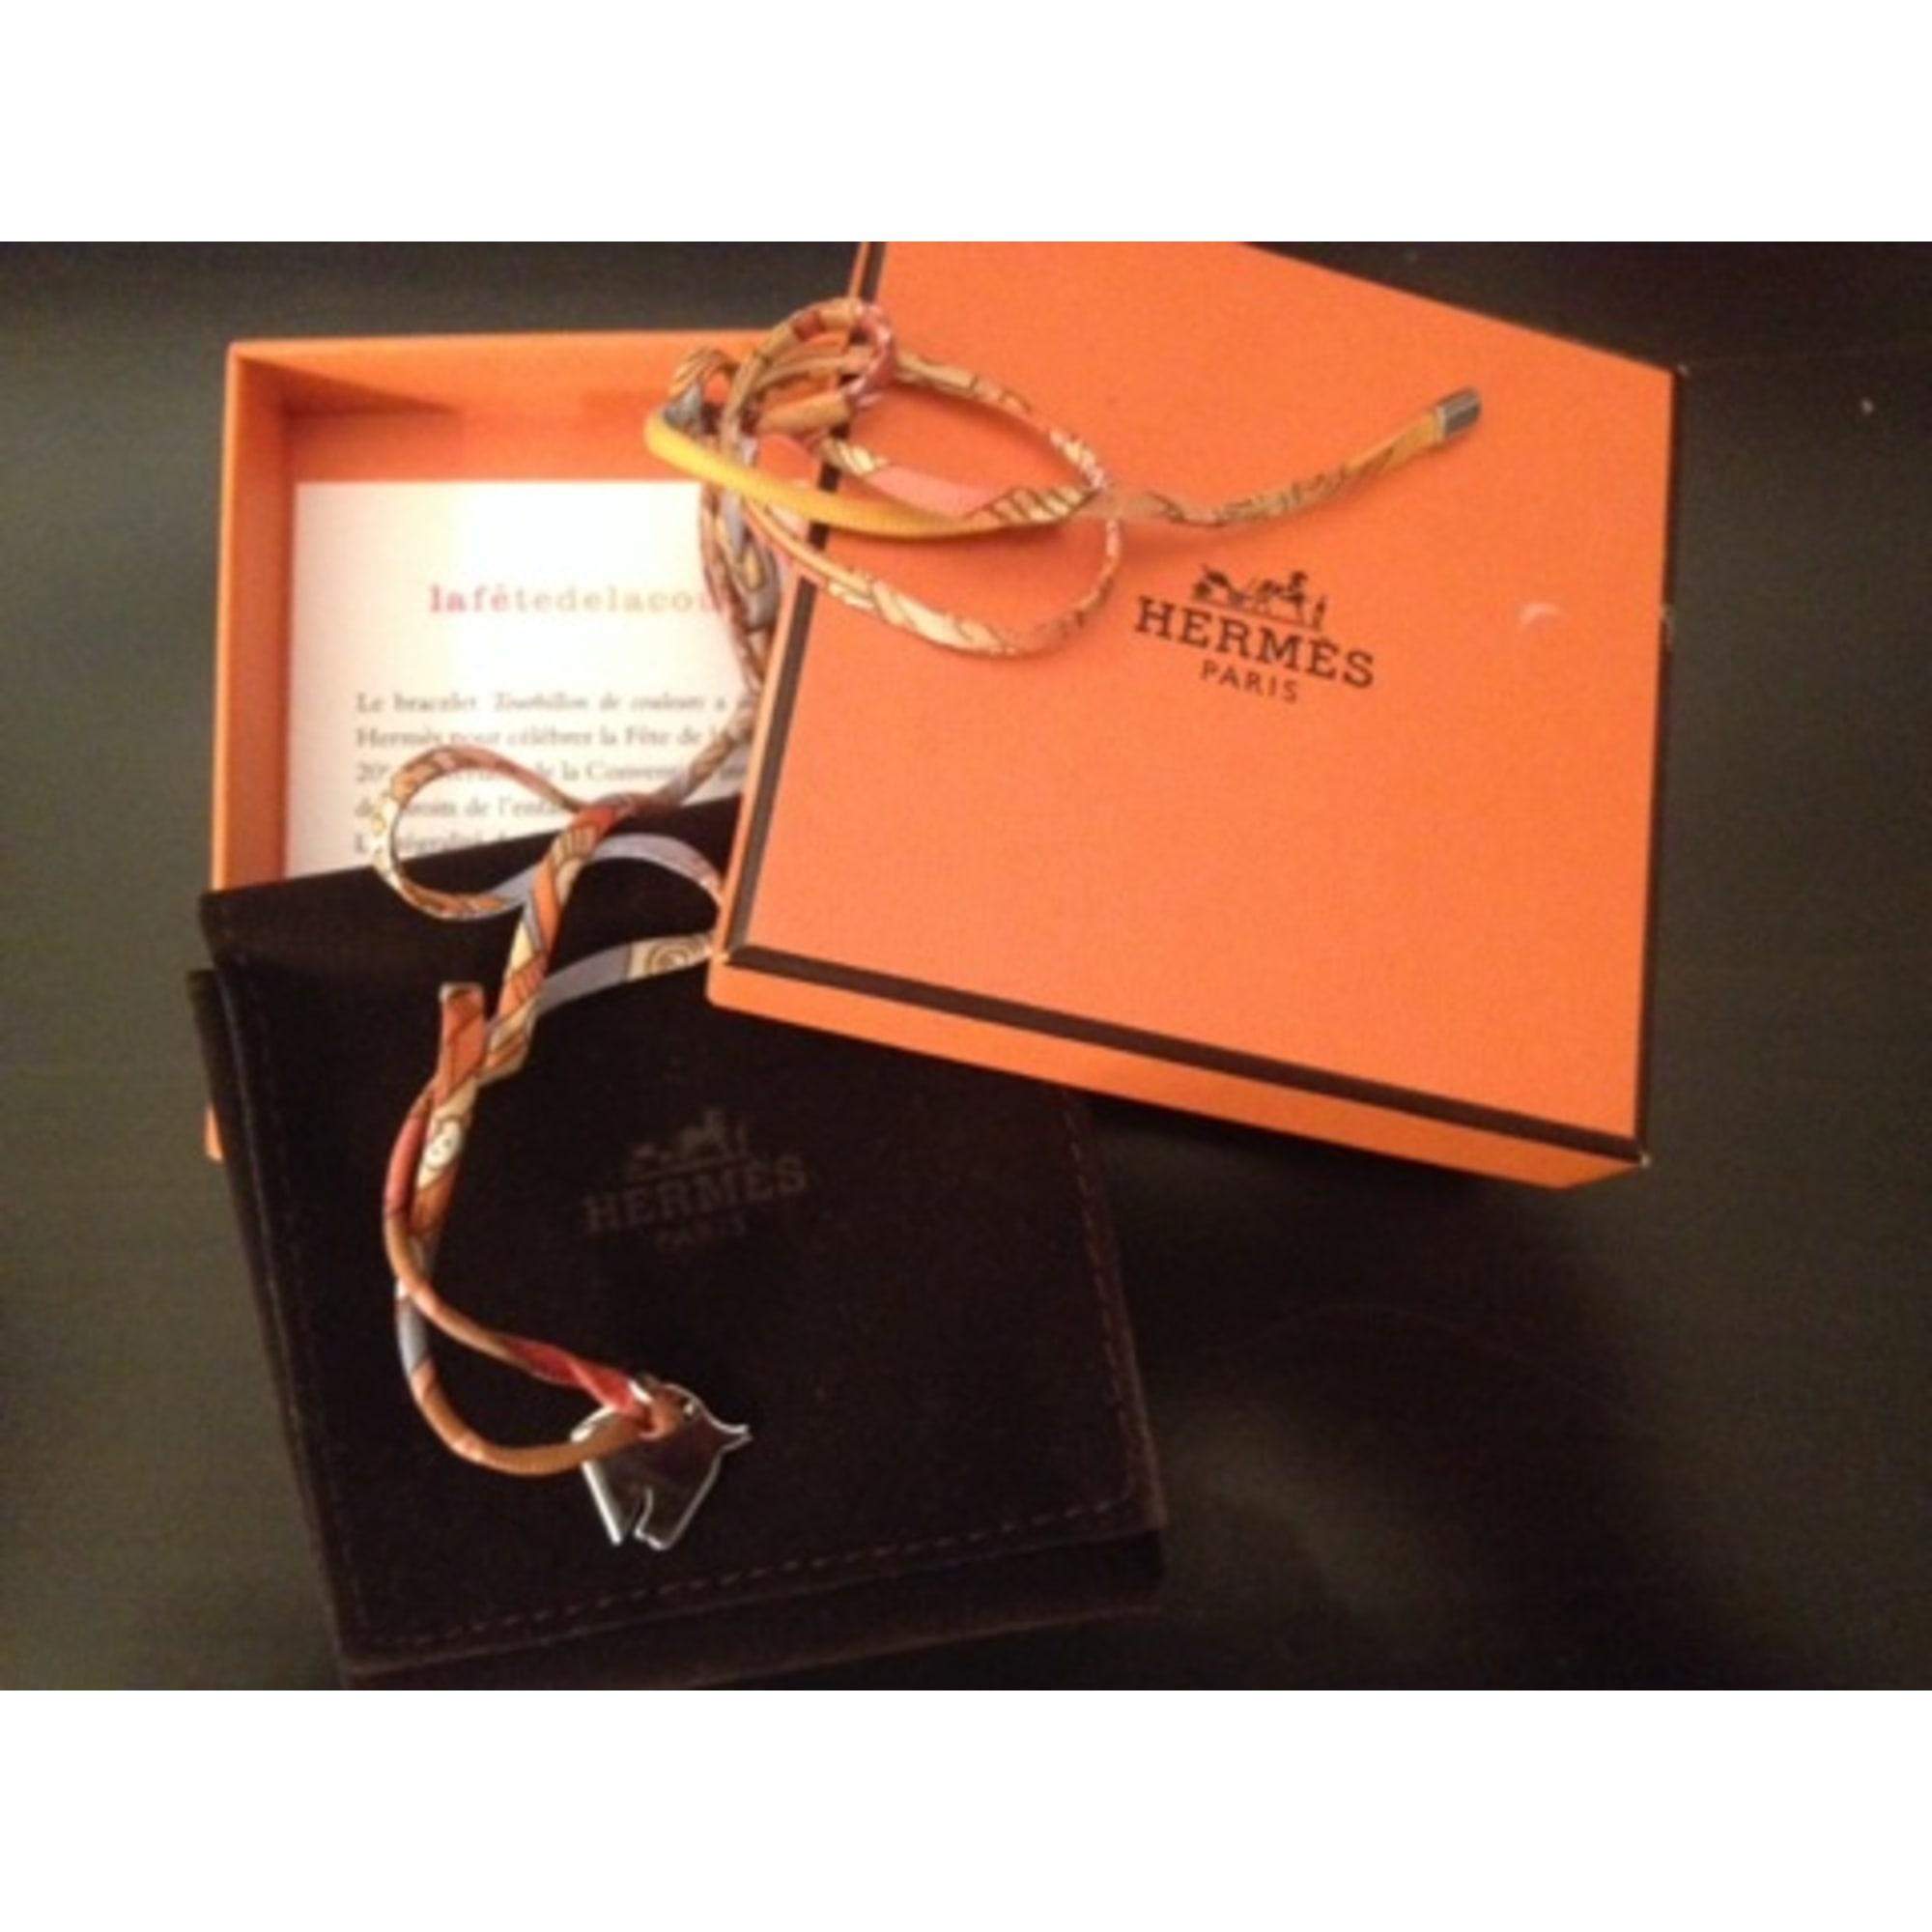 Bracelet HERMÈS orange vendu par Les trésors de mon placard - 1927346 c107ac62750